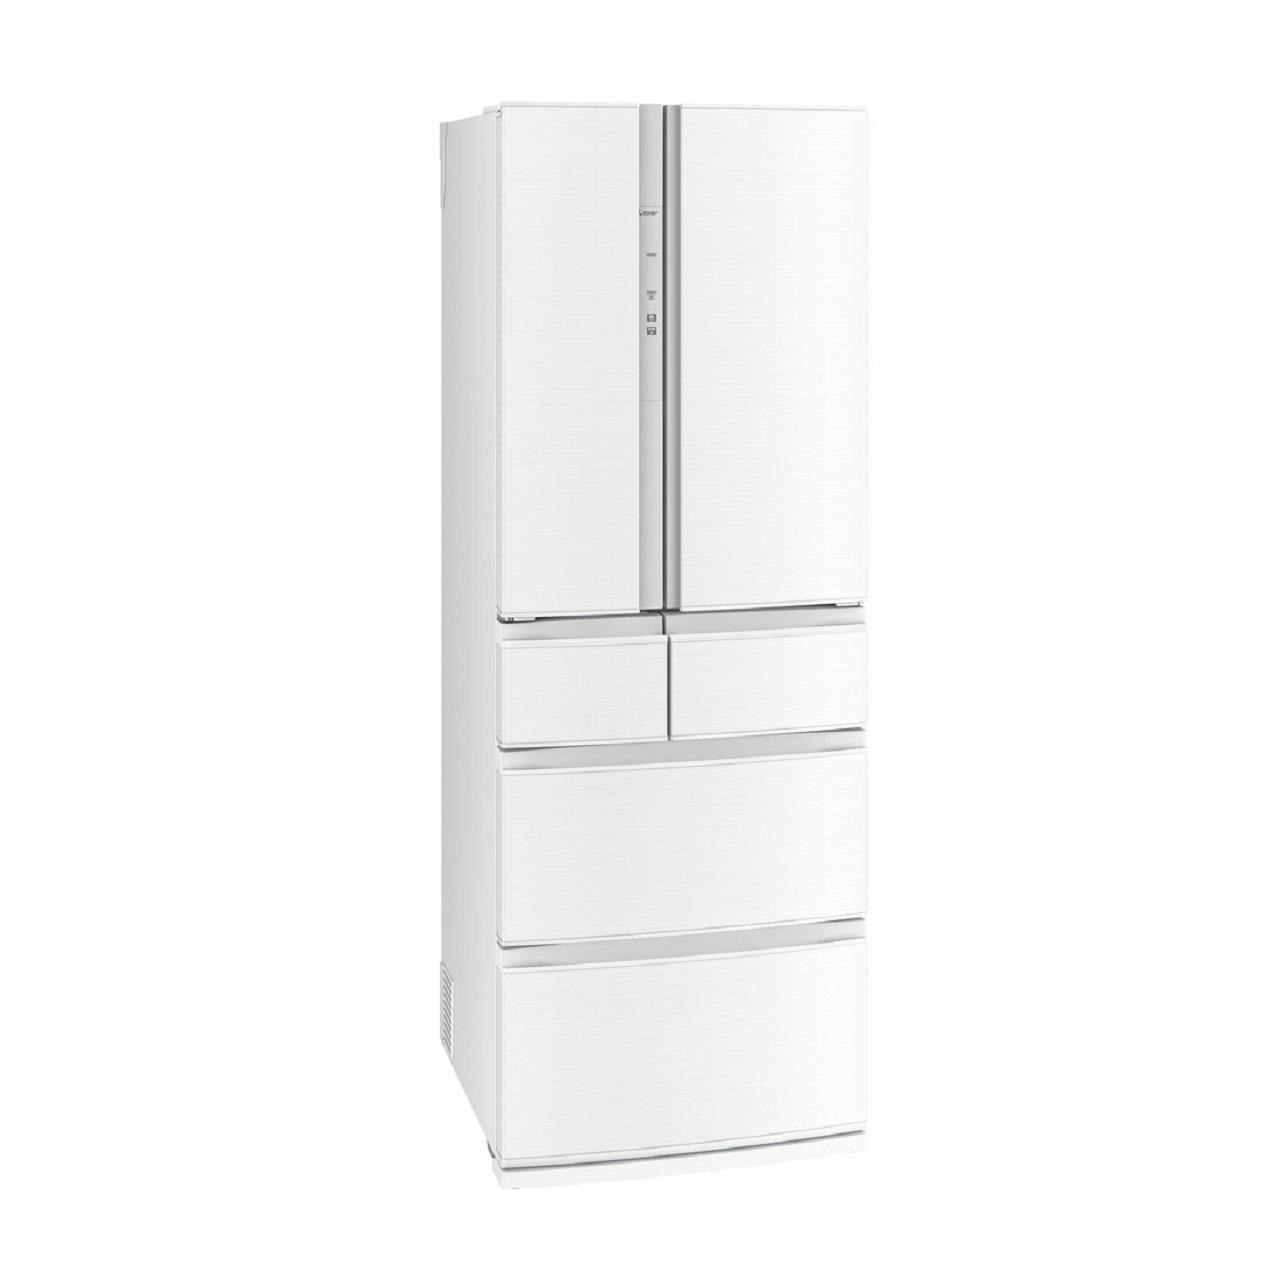 三菱MR-R46F冷蔵庫